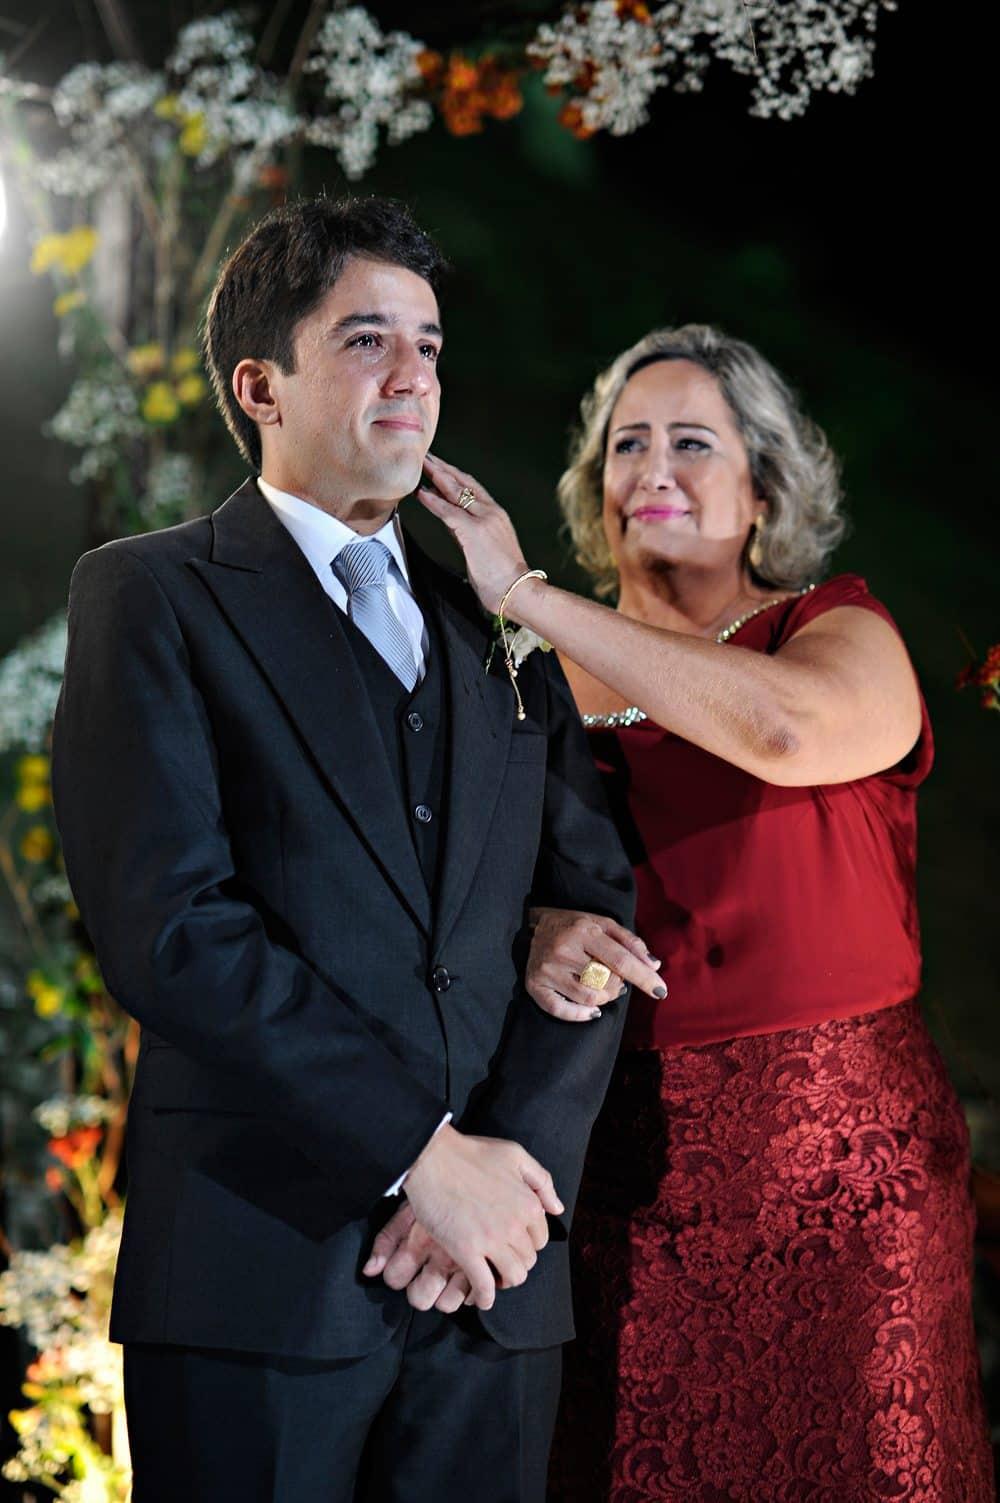 casamento-real-mariana-e-vinicius-caseme-11-1